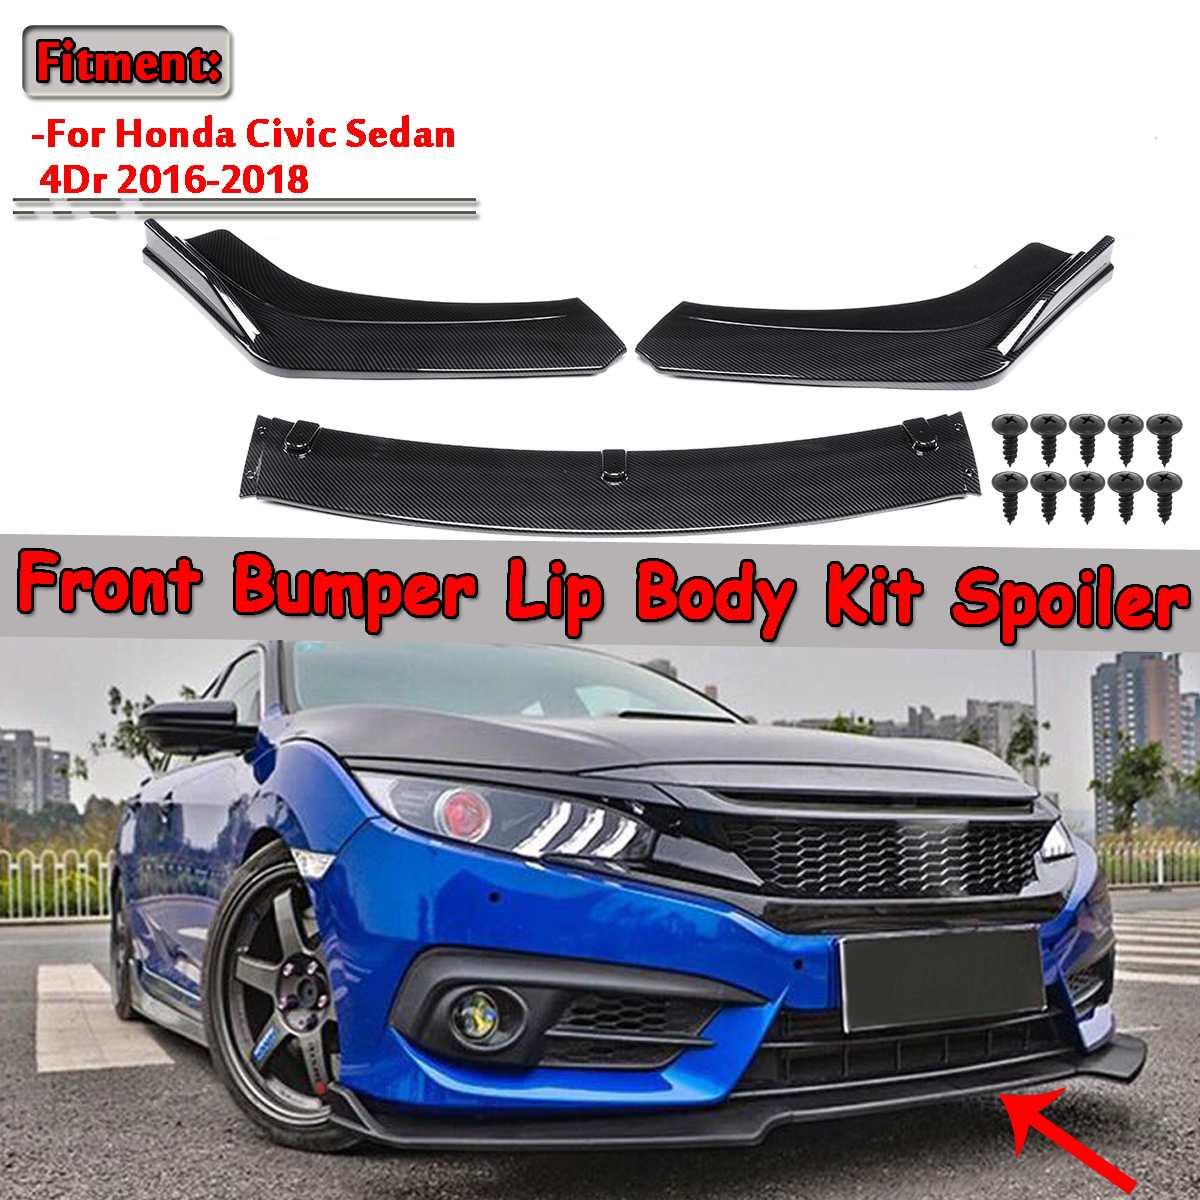 3 piezas con apariencia de fibra de carbono/Negro coche frontal parachoques inferior difusor de labio Spoiler Kit de cuerpo para Honda para Civic Sedan 4Dr 2016 2017 2018